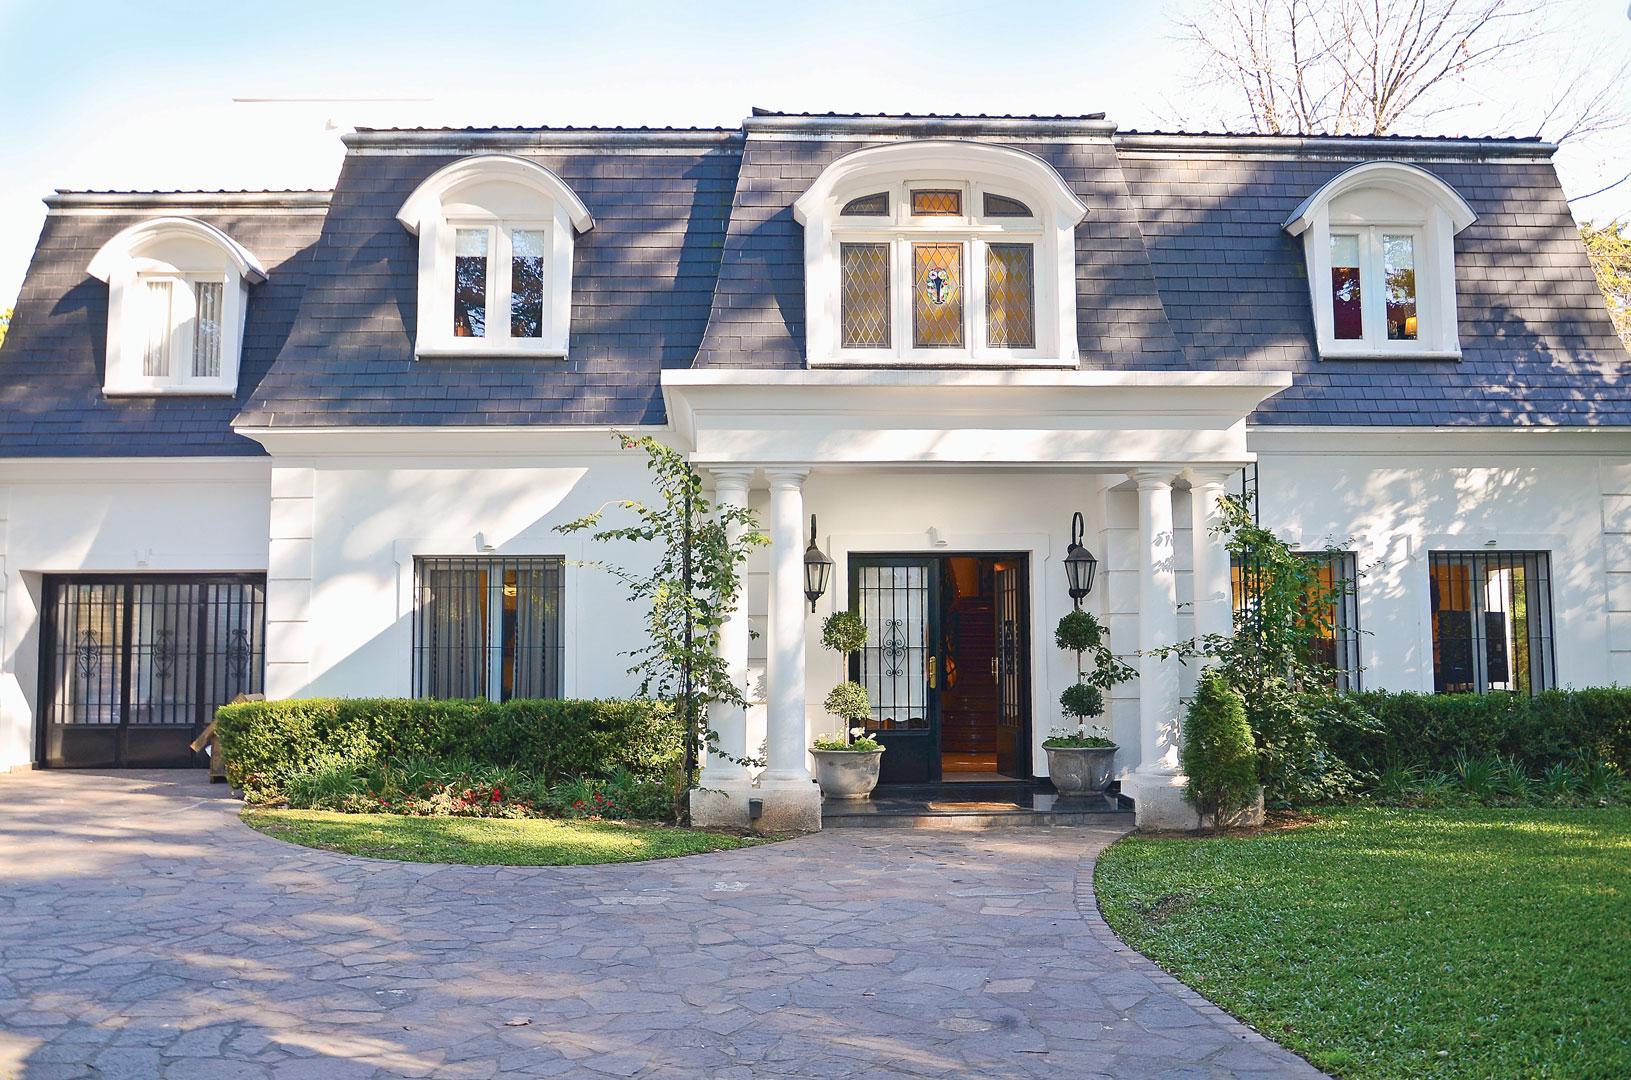 Estudio farina vazzano casa estilo cl sico neocl sico for Casas estilo frances clasico